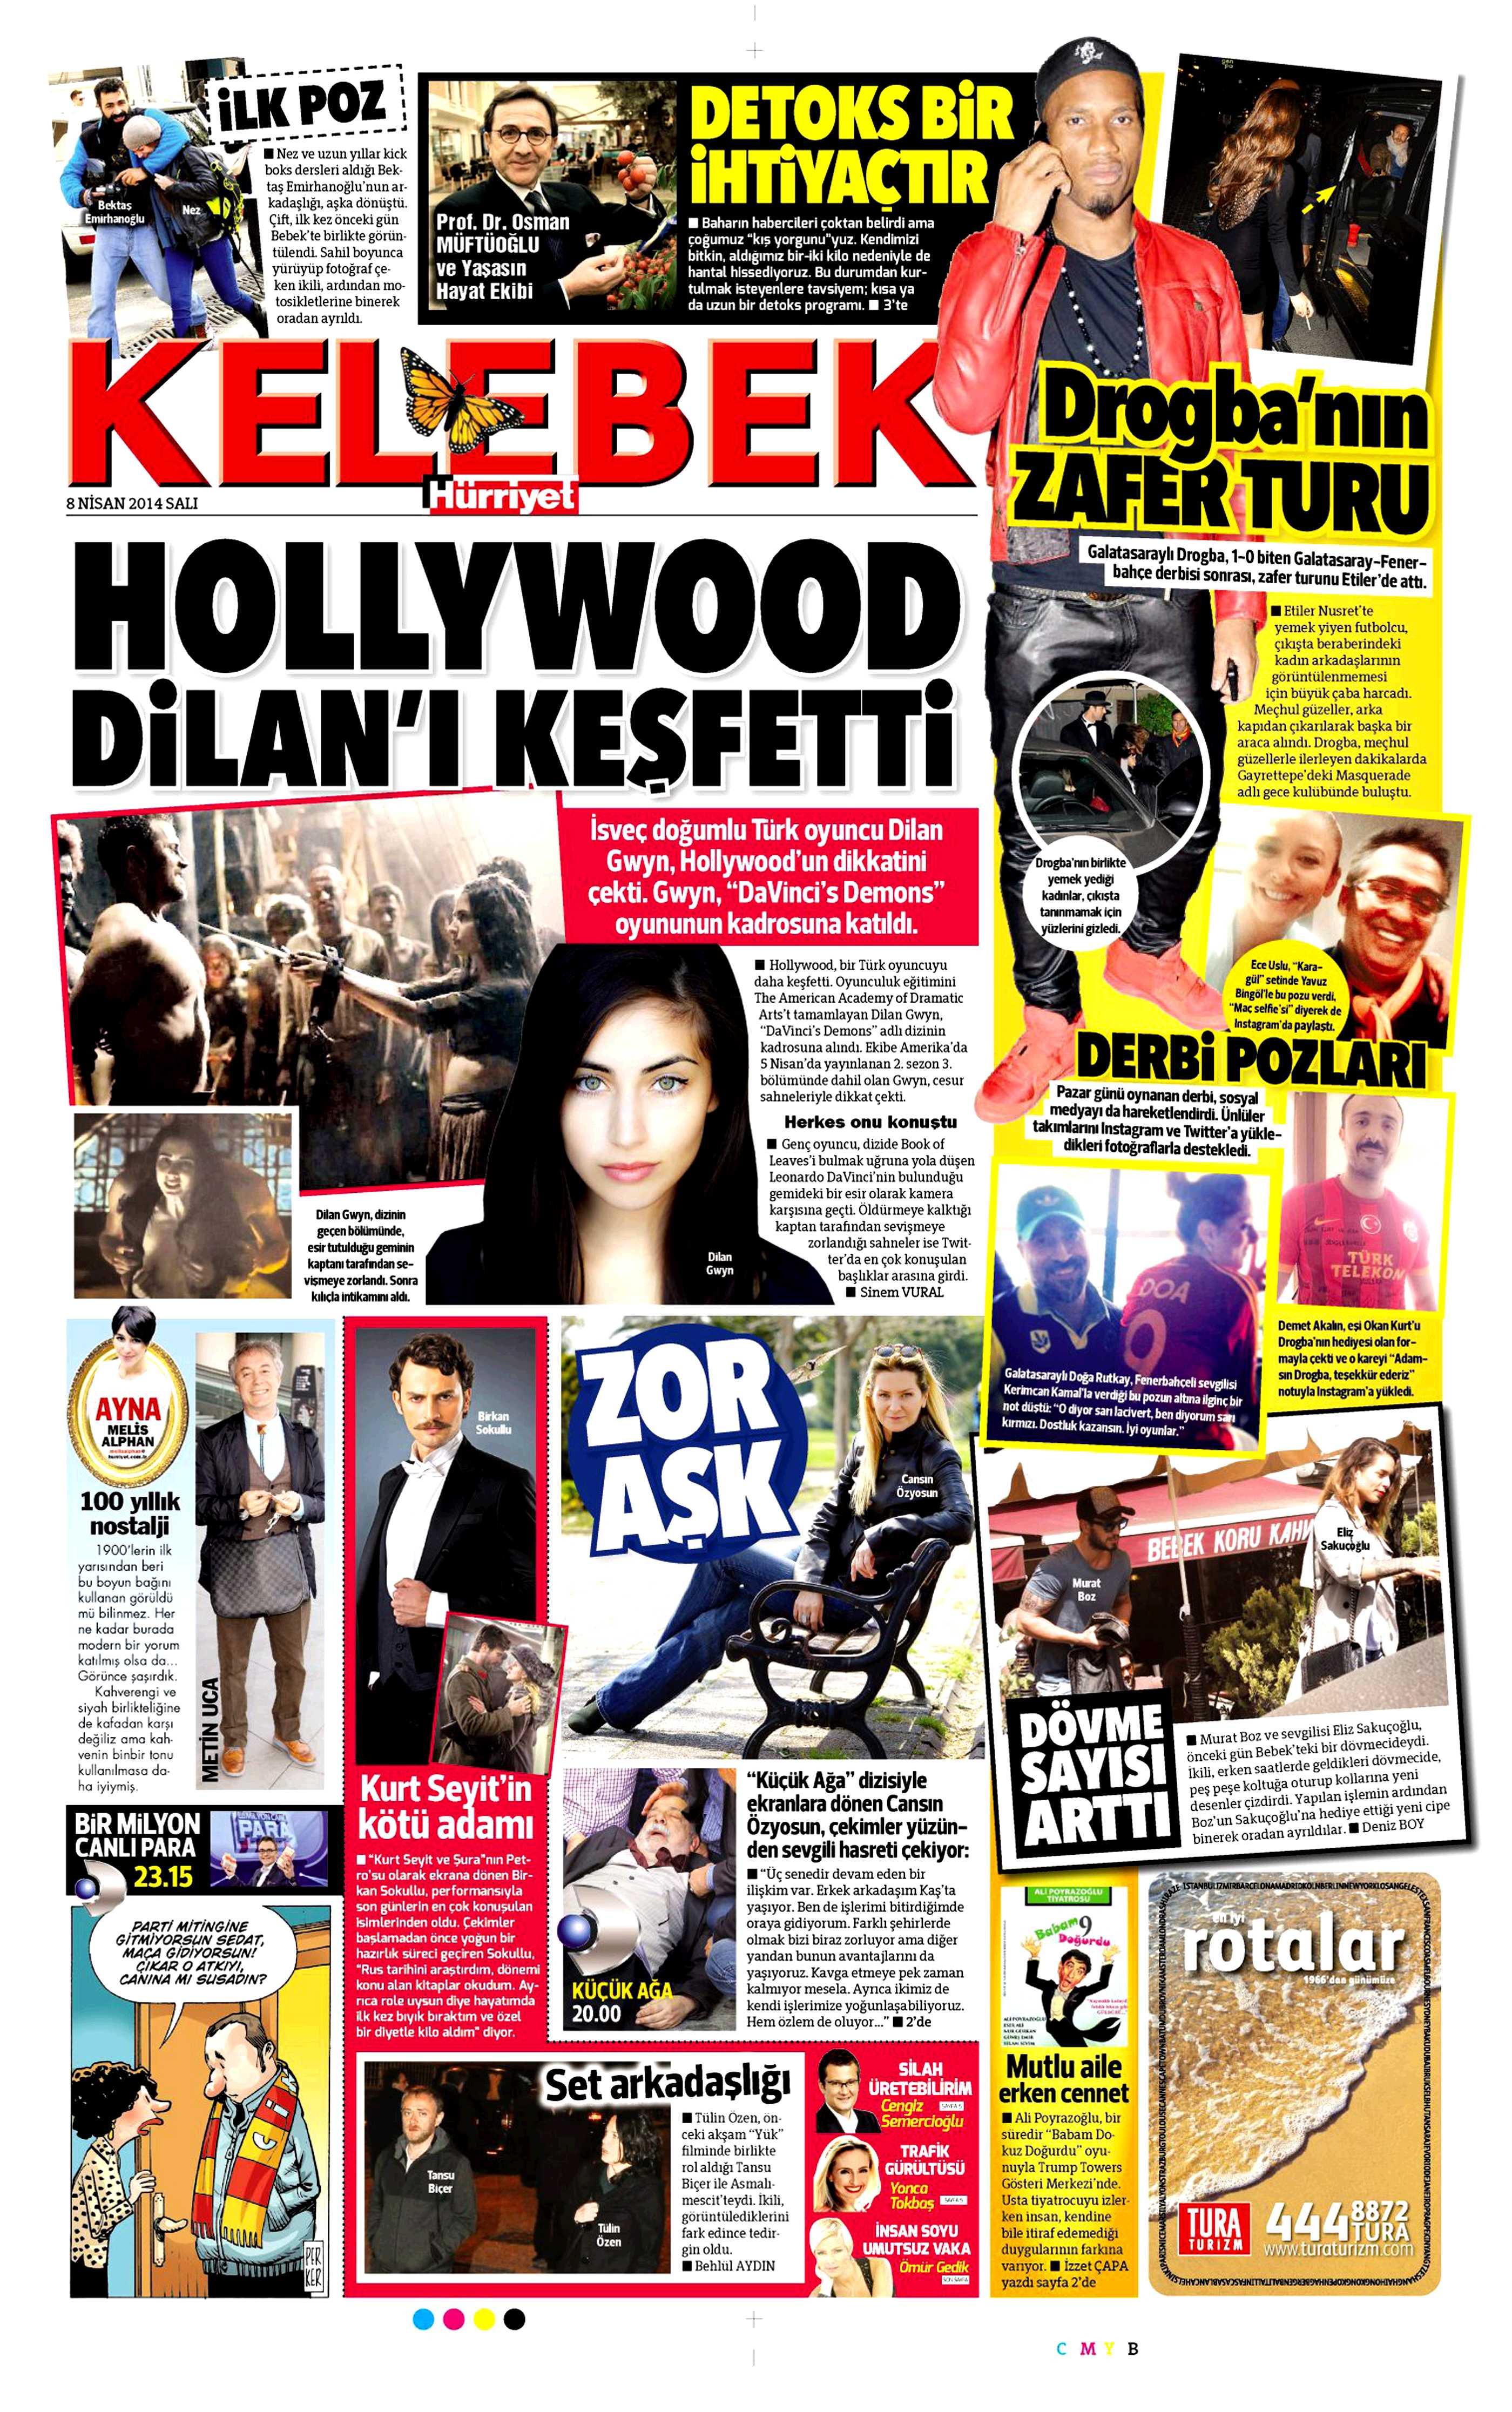 Dilan Gwyn - Hürriyet Kelebek Gazetesi Haberi 2